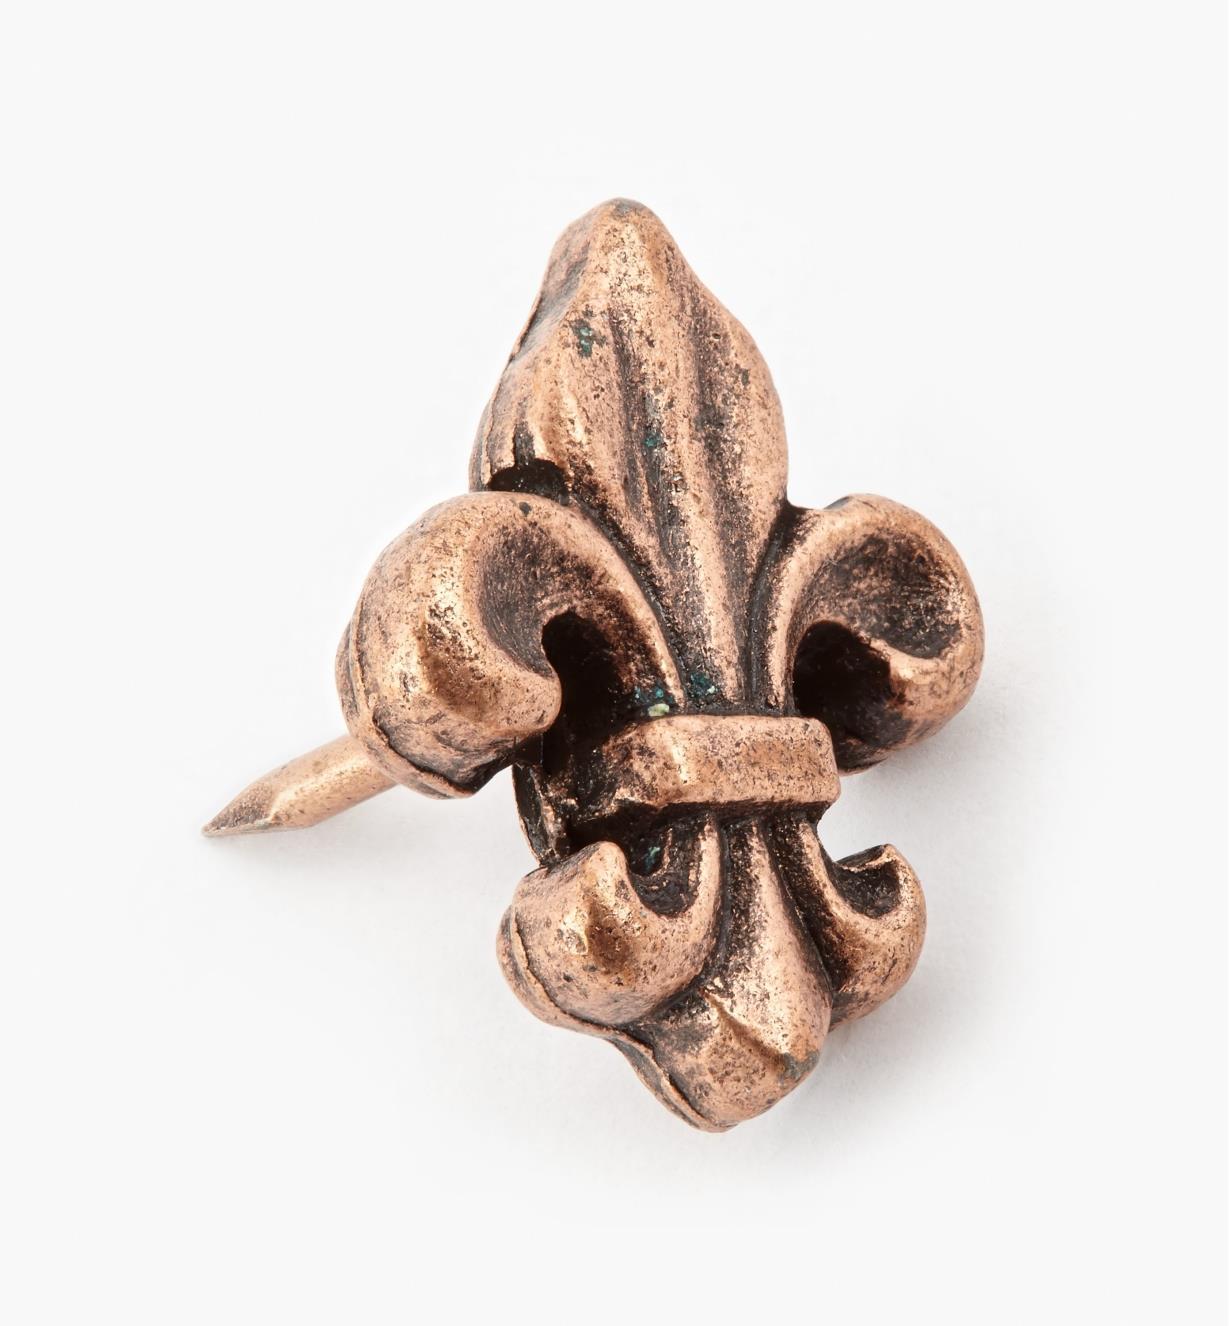 """00T0955 - Fleur-de-Lis Clavos, 3/4"""" x 1/2"""", Antique Copper, ea."""